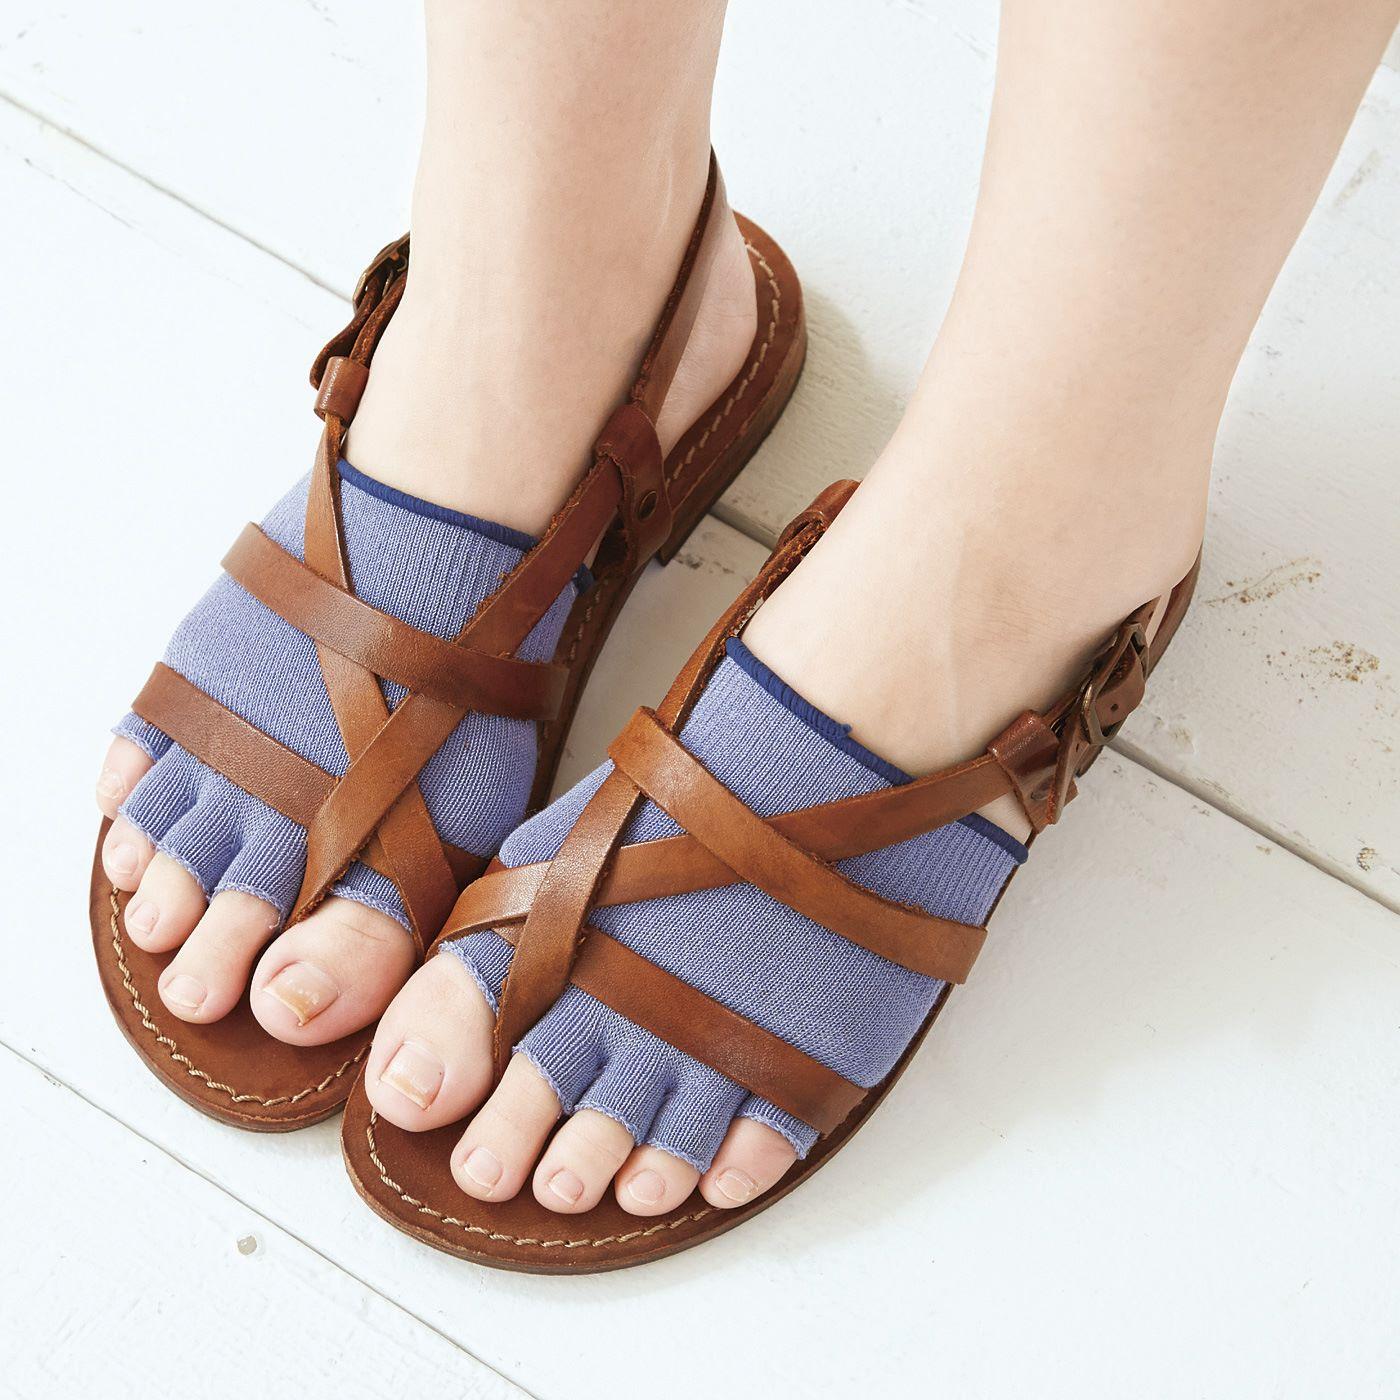 むれやすい足裏とサンダルにふれて汗でベタつきがちな足の甲をしっかりカバー。